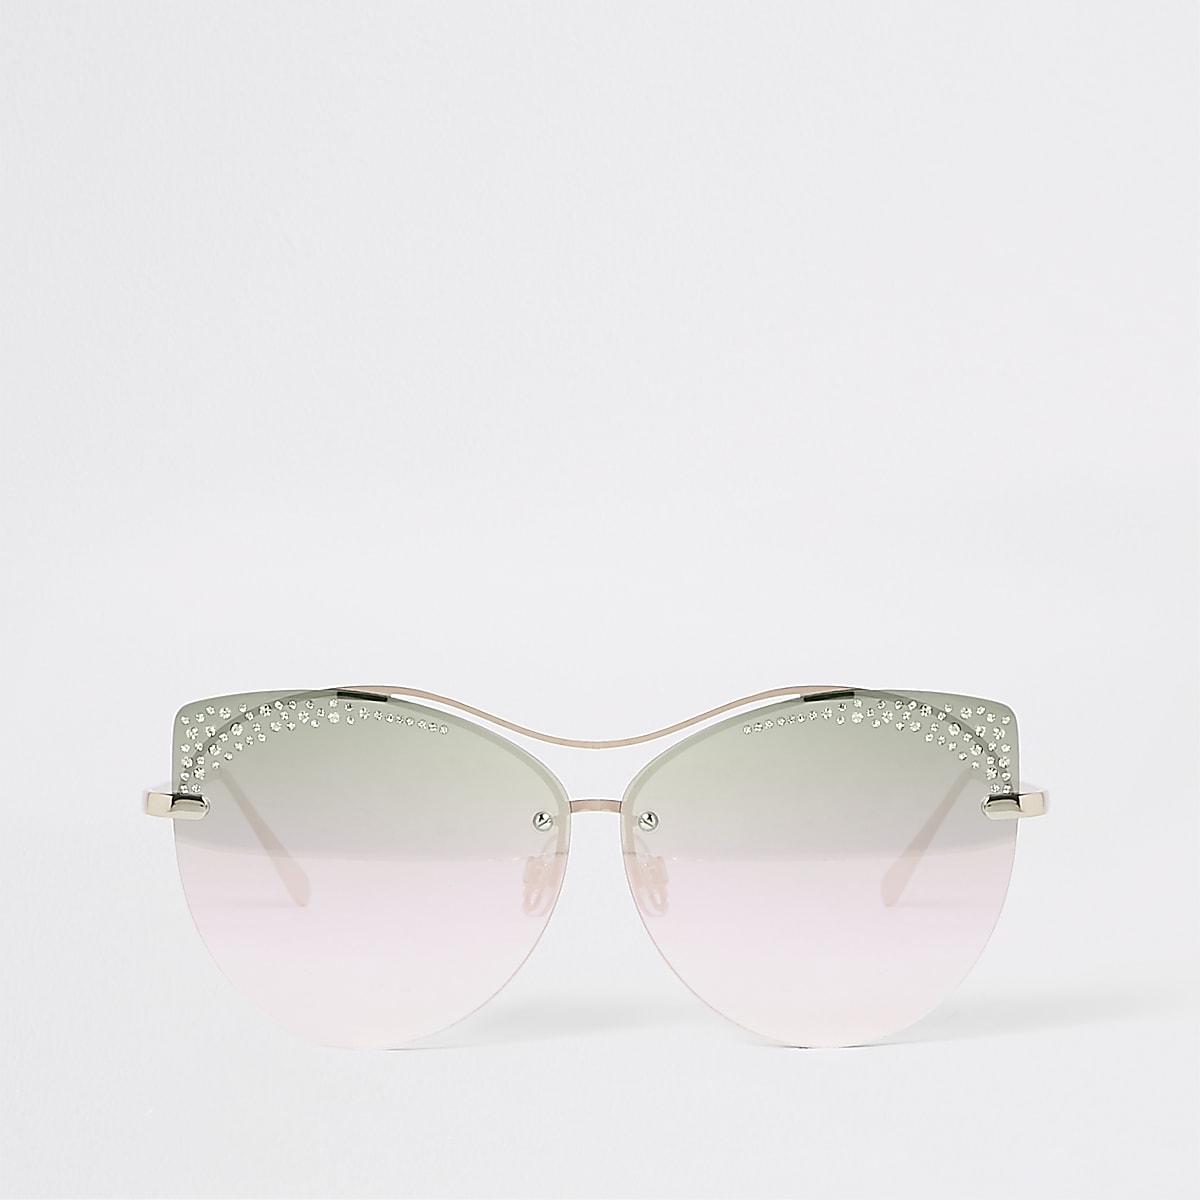 Gold tone diamante glam sunglasses